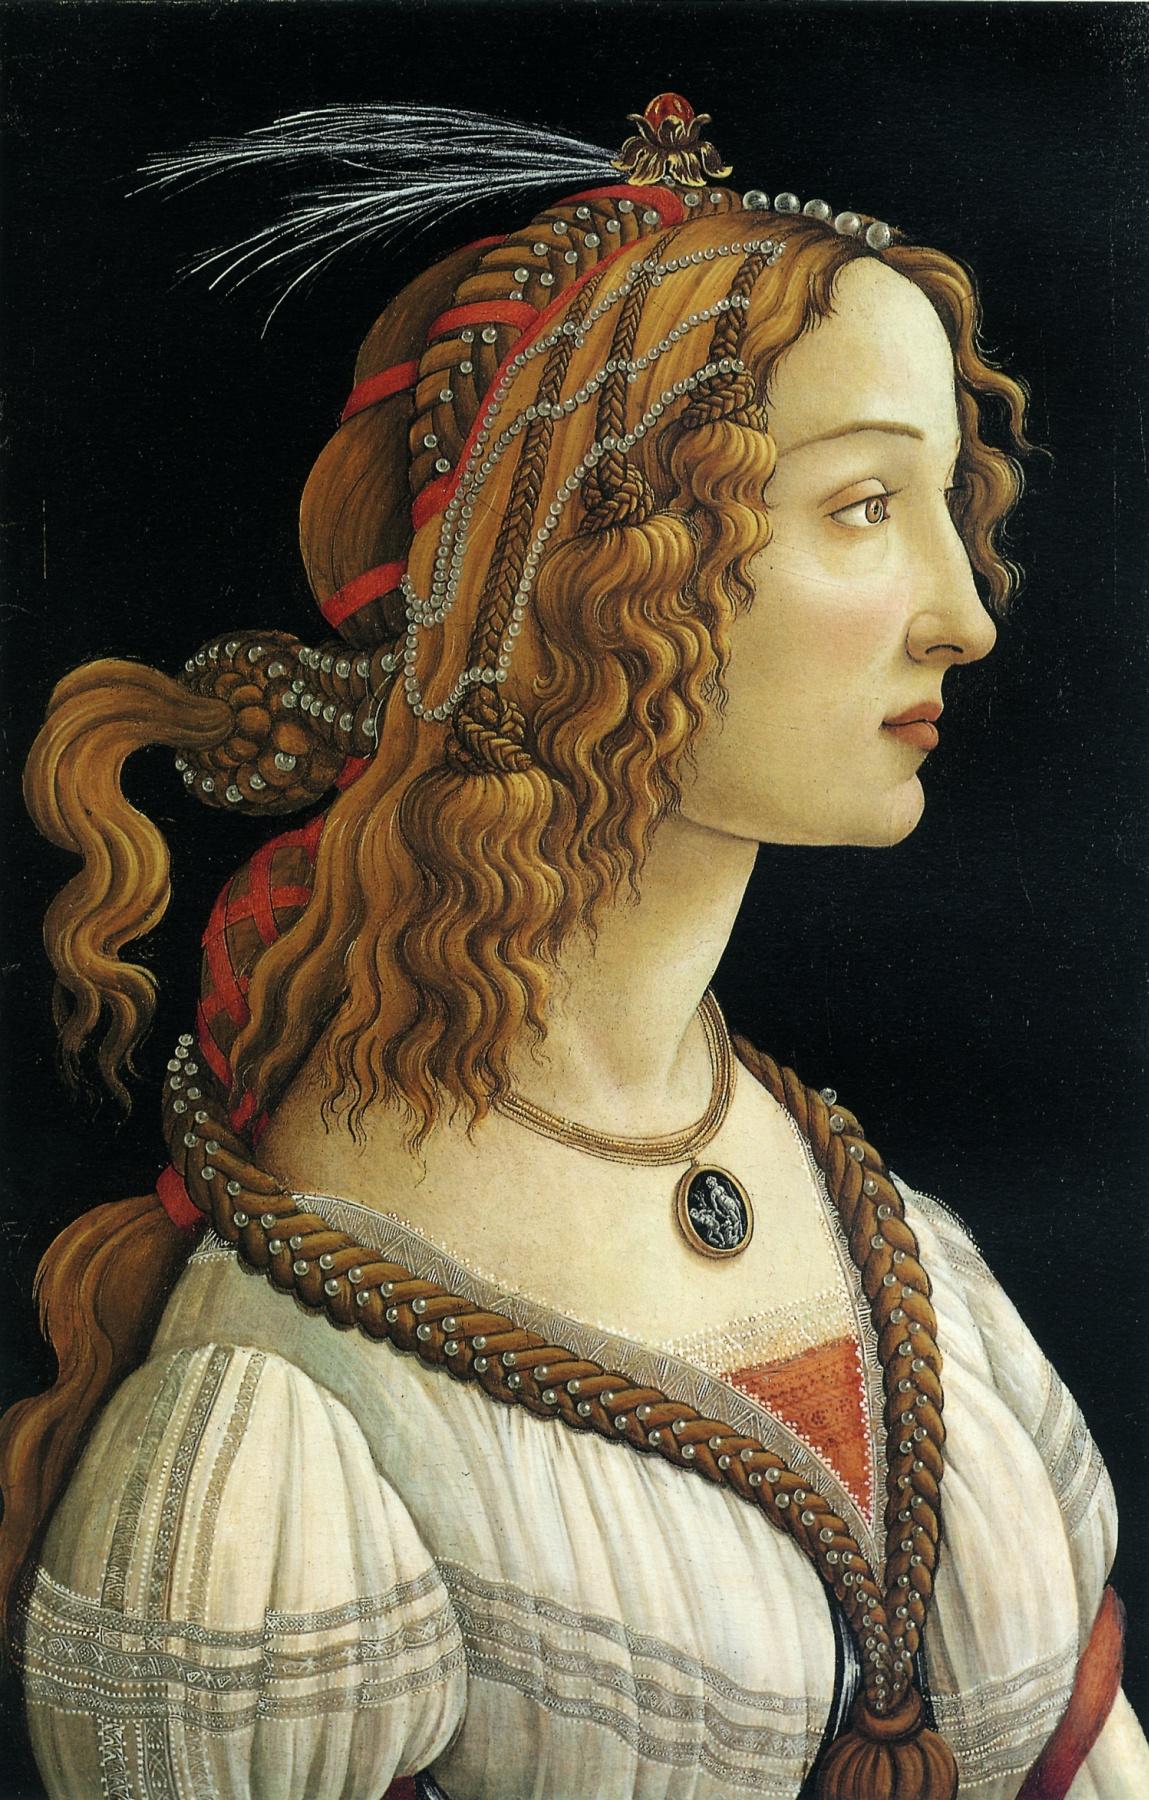 Sandro Botticelli. Idealized portrait of a lady (Simonetta Vespucci)